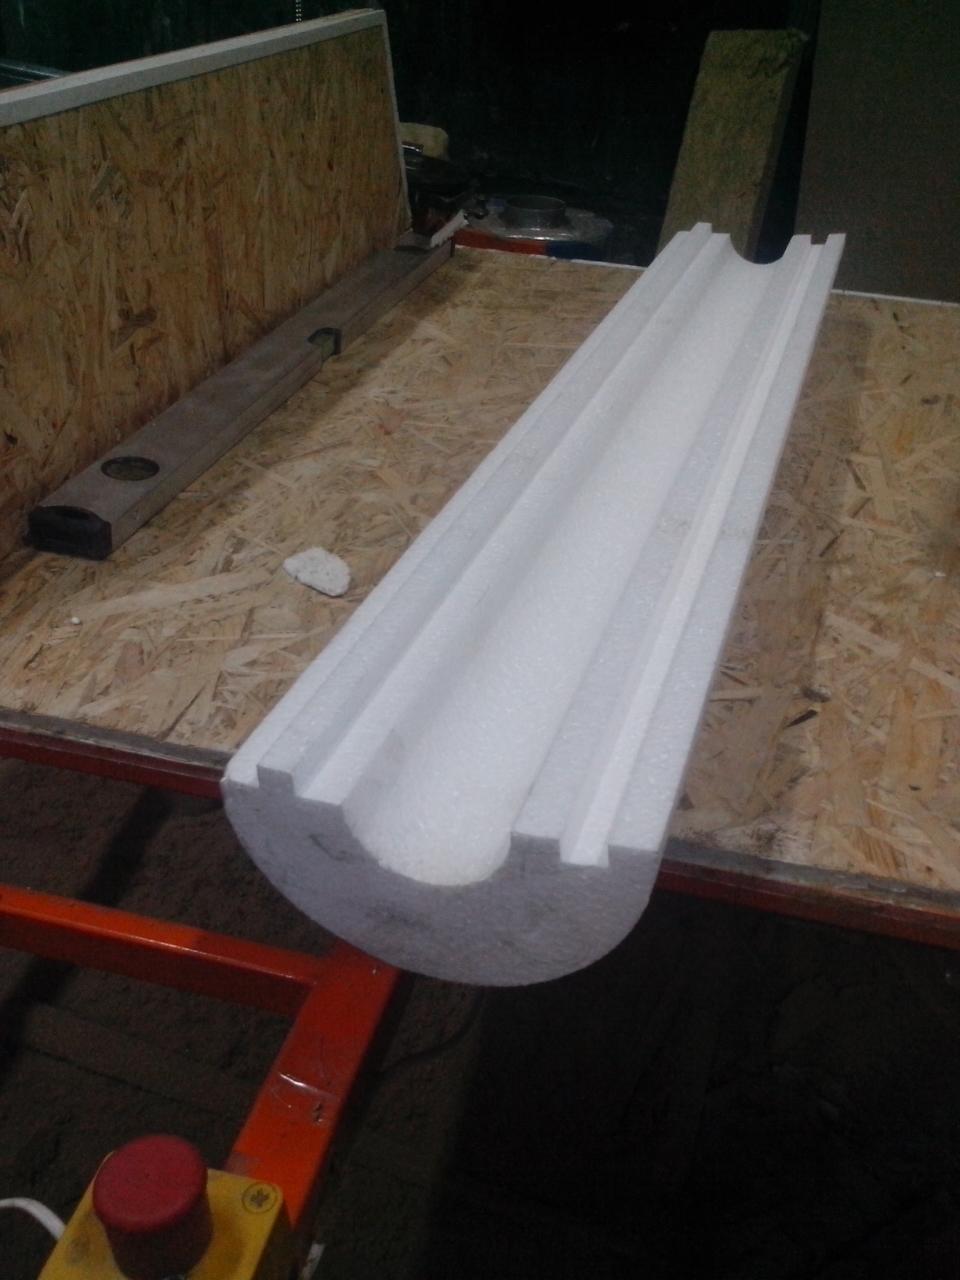 Утеплитель из пенопласта (пенополистирола) для труб Ø 110 мм толщиной 40 мм